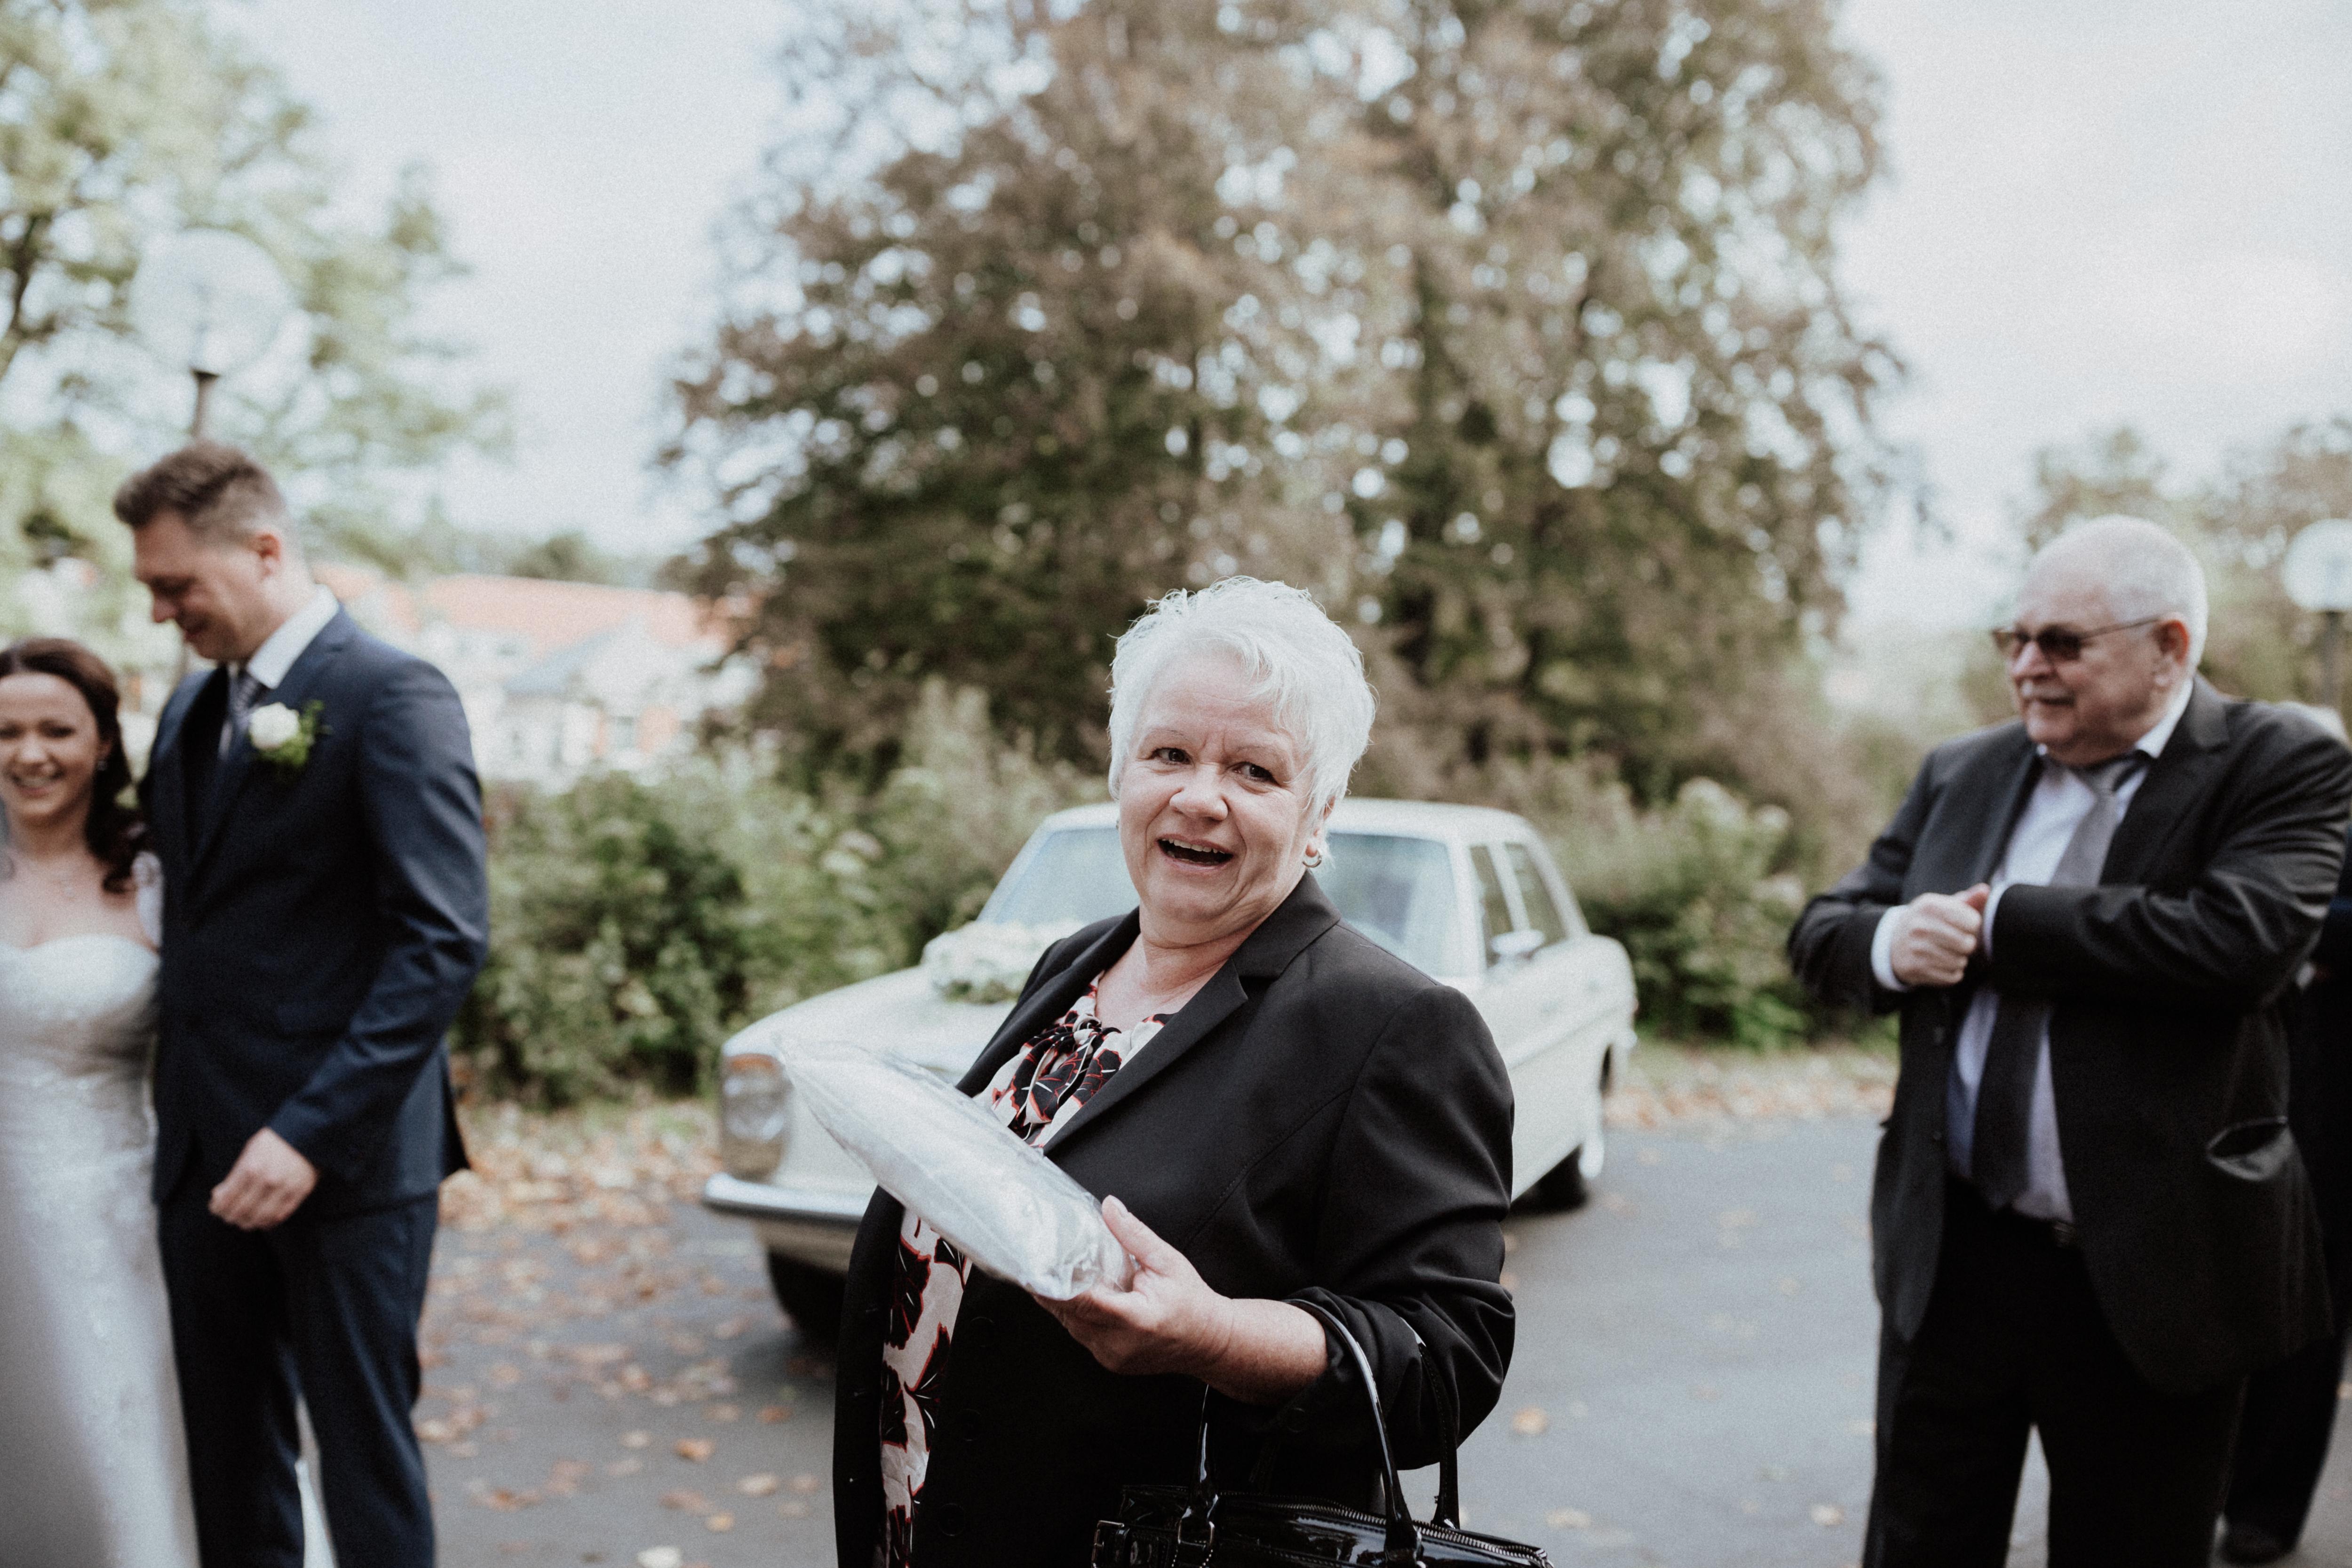 URBANERIE_Daniela_Goth_Hochzeitsfotografin_Nürnberg_Fürth_Erlangen_Schwabach_171007_0097